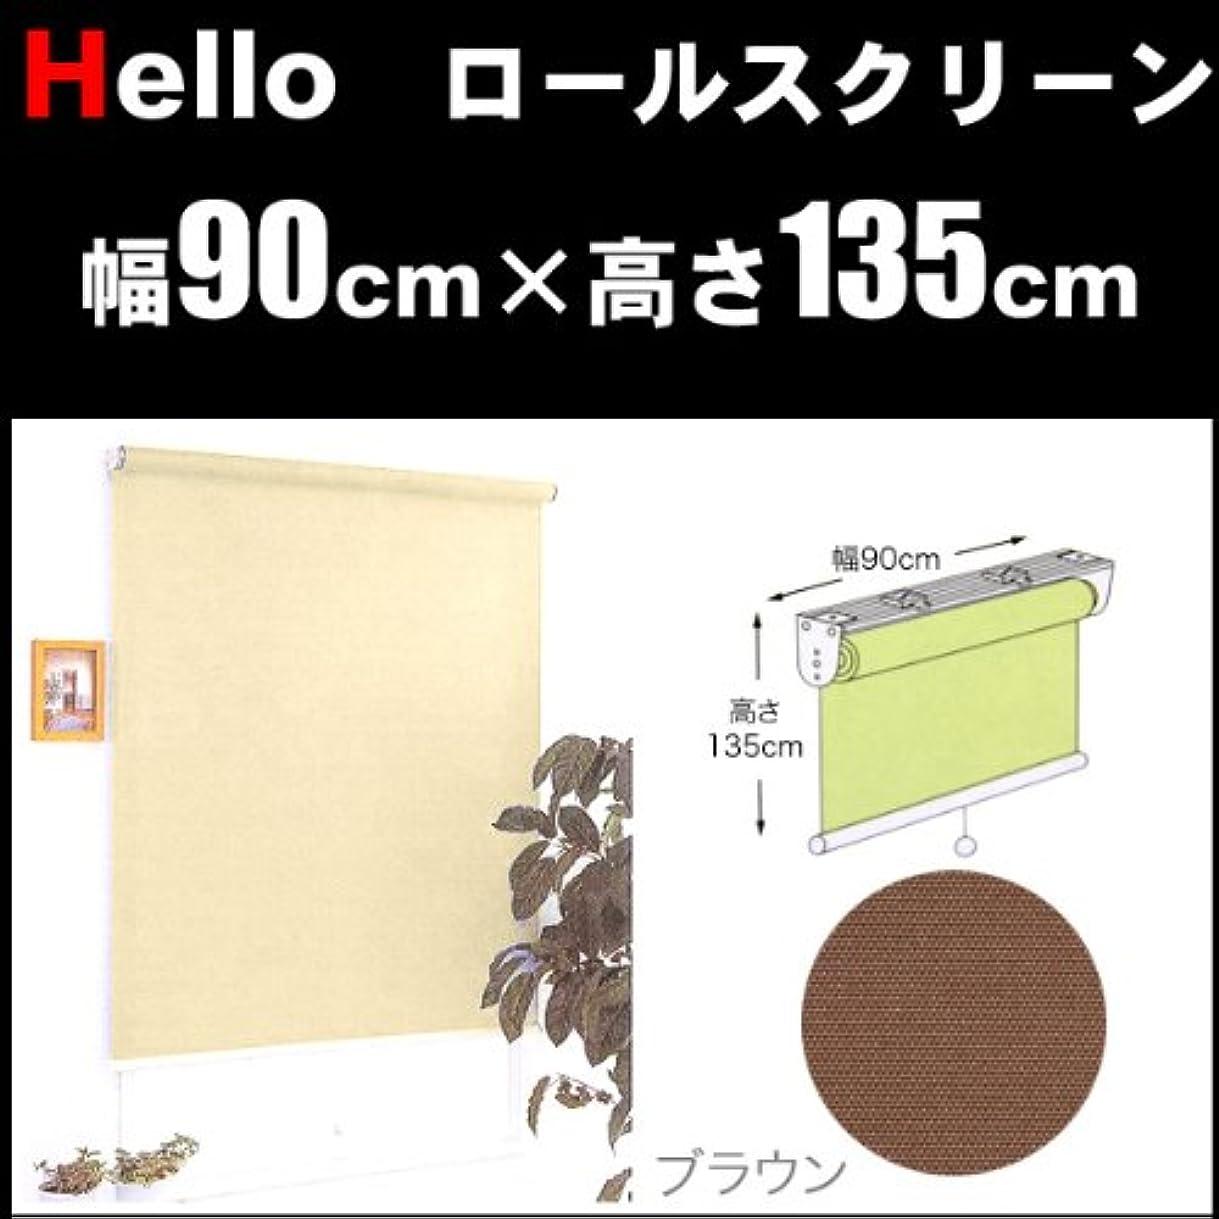 租界設計図発見ロールスクリーン 幅90cm×丈135cm ハロー ロールスクリーン規格サイズ ブラウン